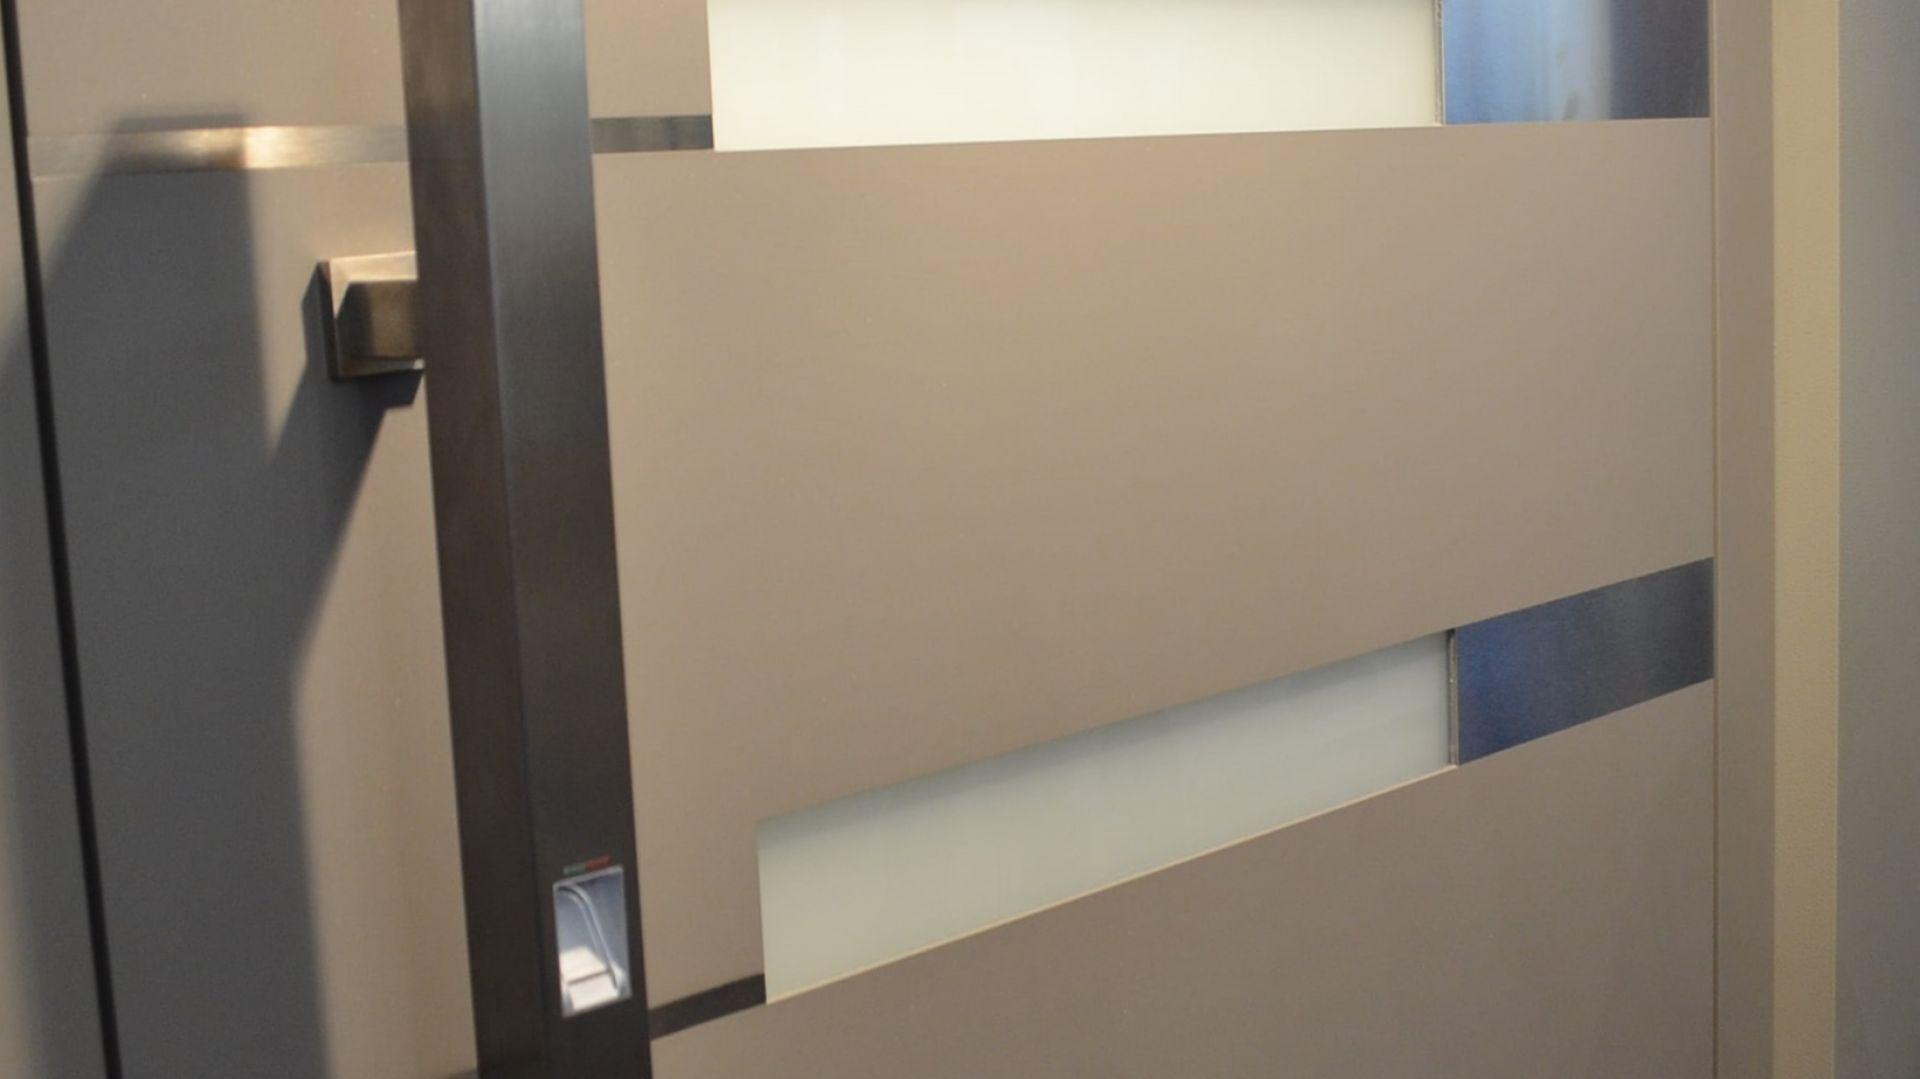 Wykonana ze stali szlachetnej obudowa czytnika linii papilarnych wbudowana jest w skrzydło drzwiowe, a wszystkie przewody ukryć można w ościeżnicy. Otwarcie drzwi sygnalizuje zapalenie się odpowiedniej lampki. Fot. OknoPlus